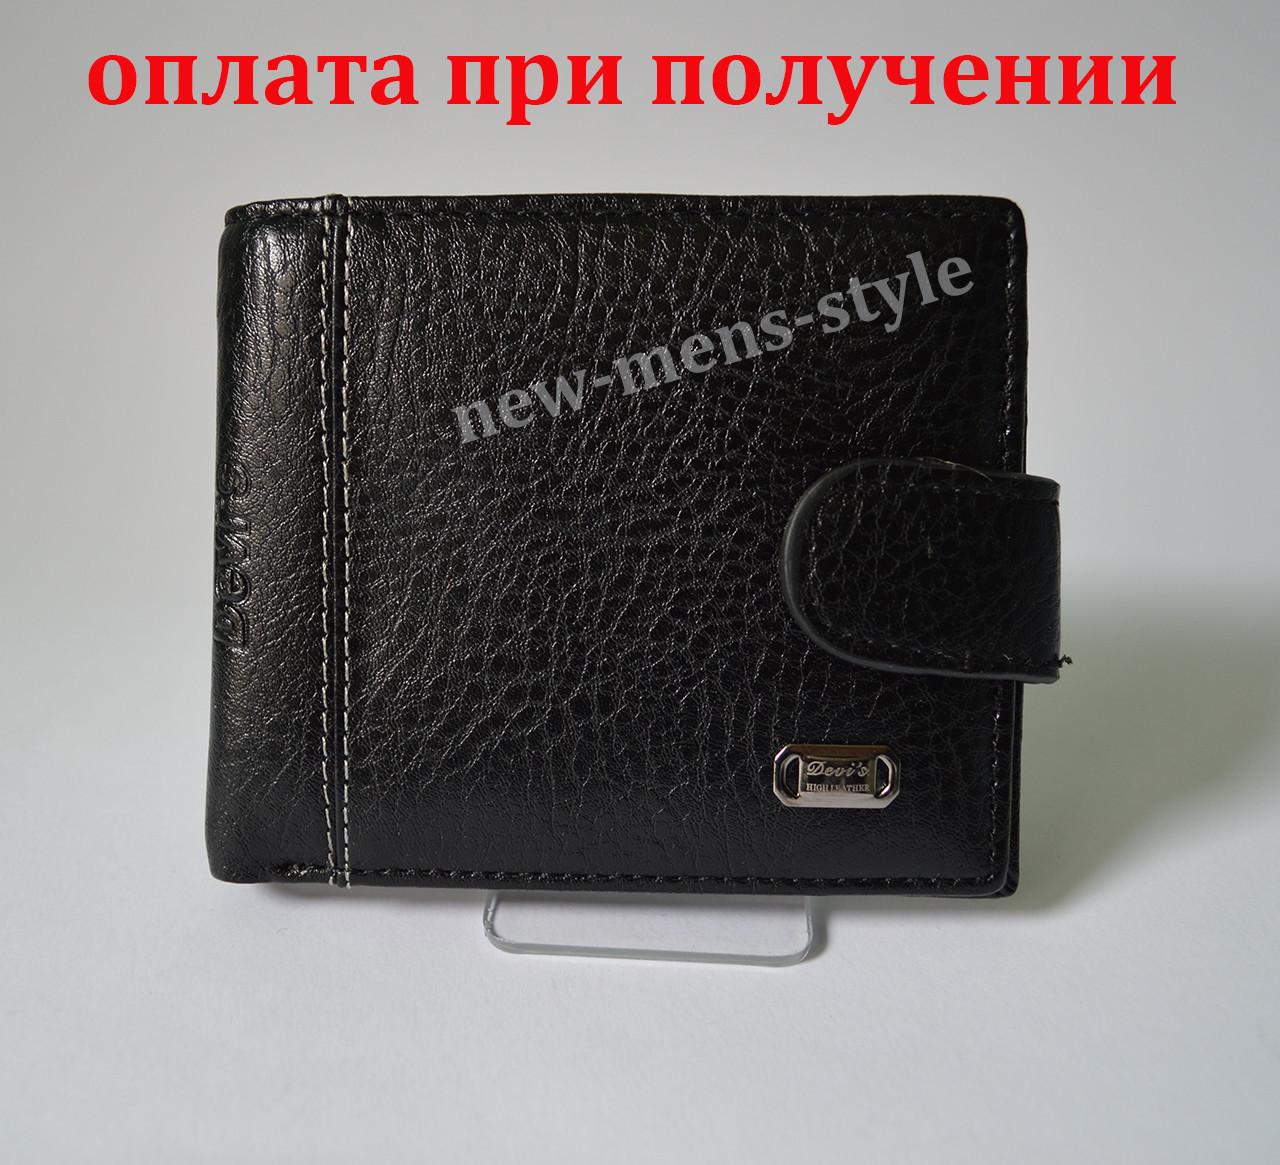 dc7bb671990b Мужской кожаный кошелек портмоне гаманець бумажник Devis купить ...